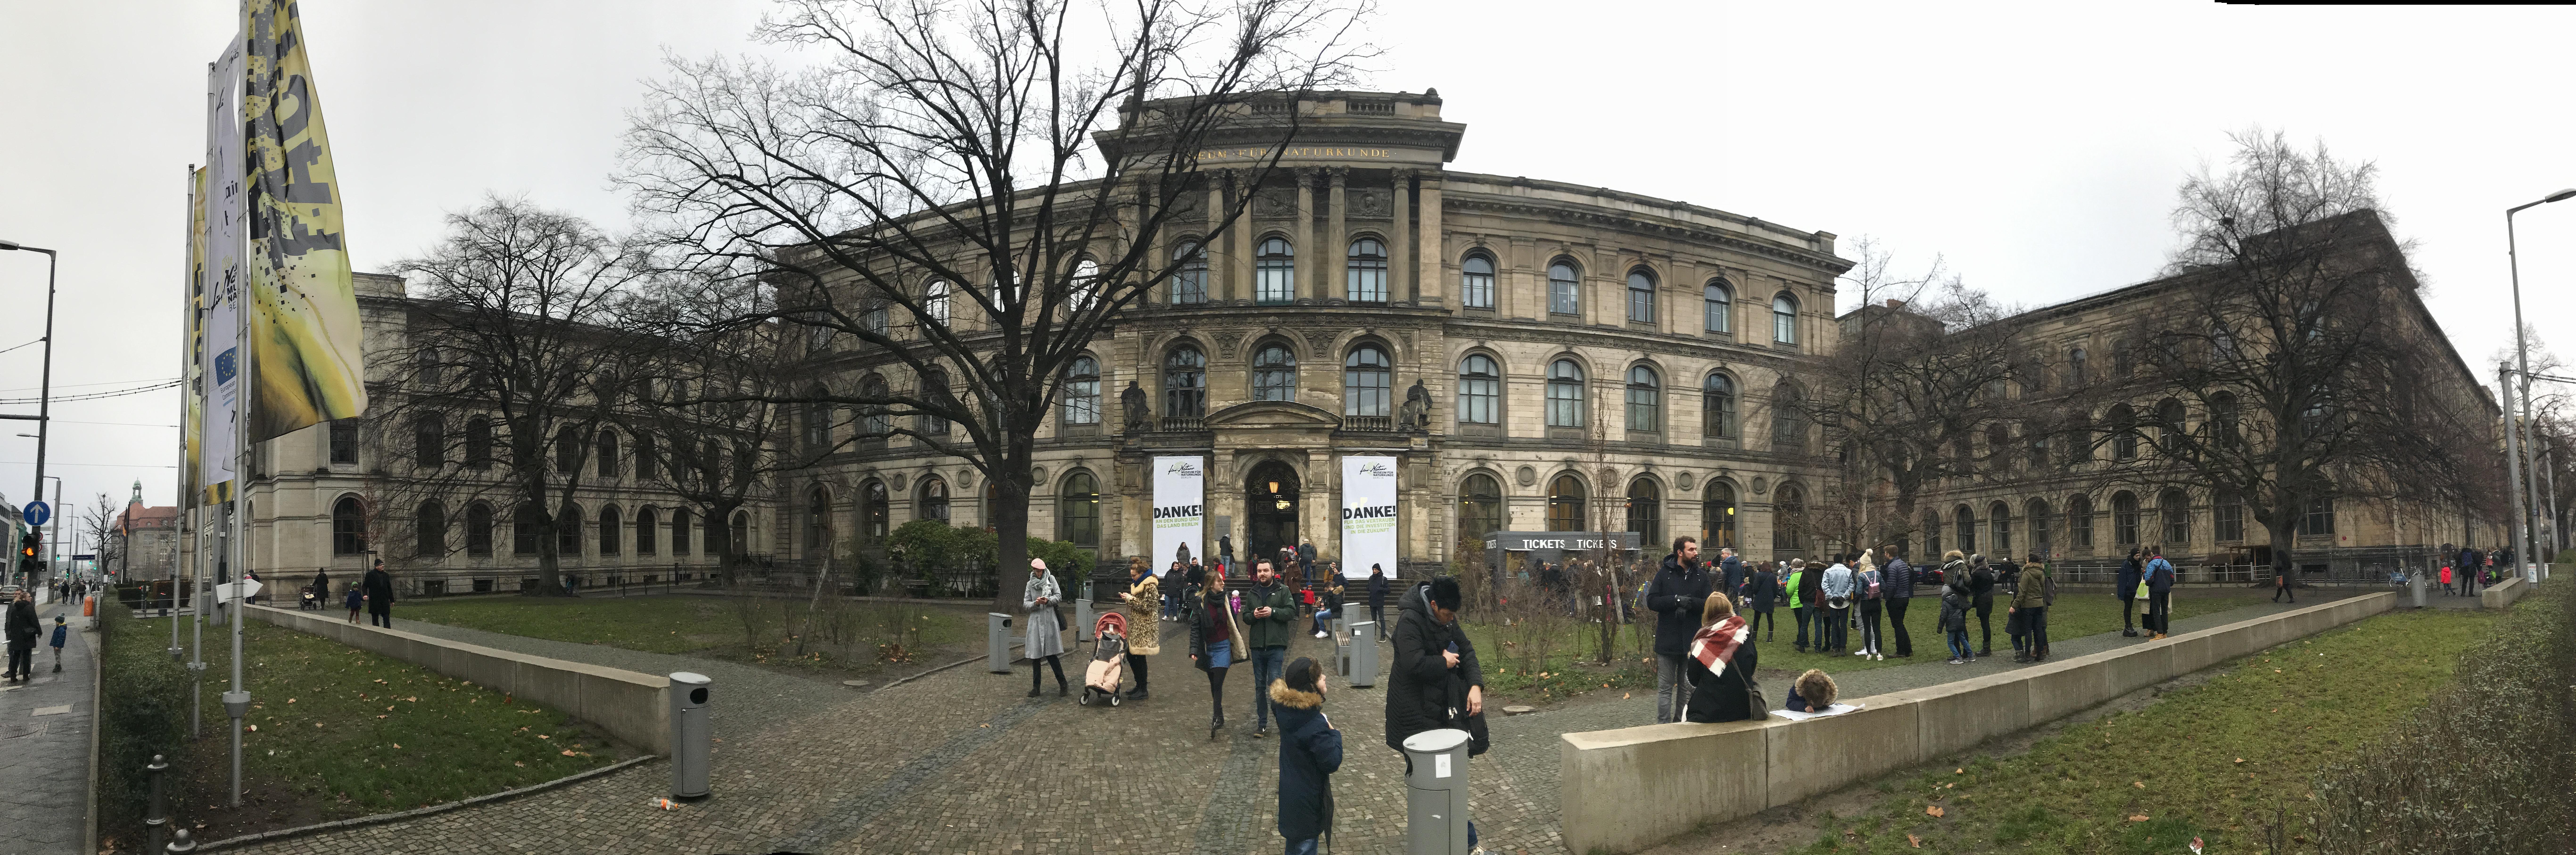 1 Museum für Naturkunde, Foto von Susanne Haun